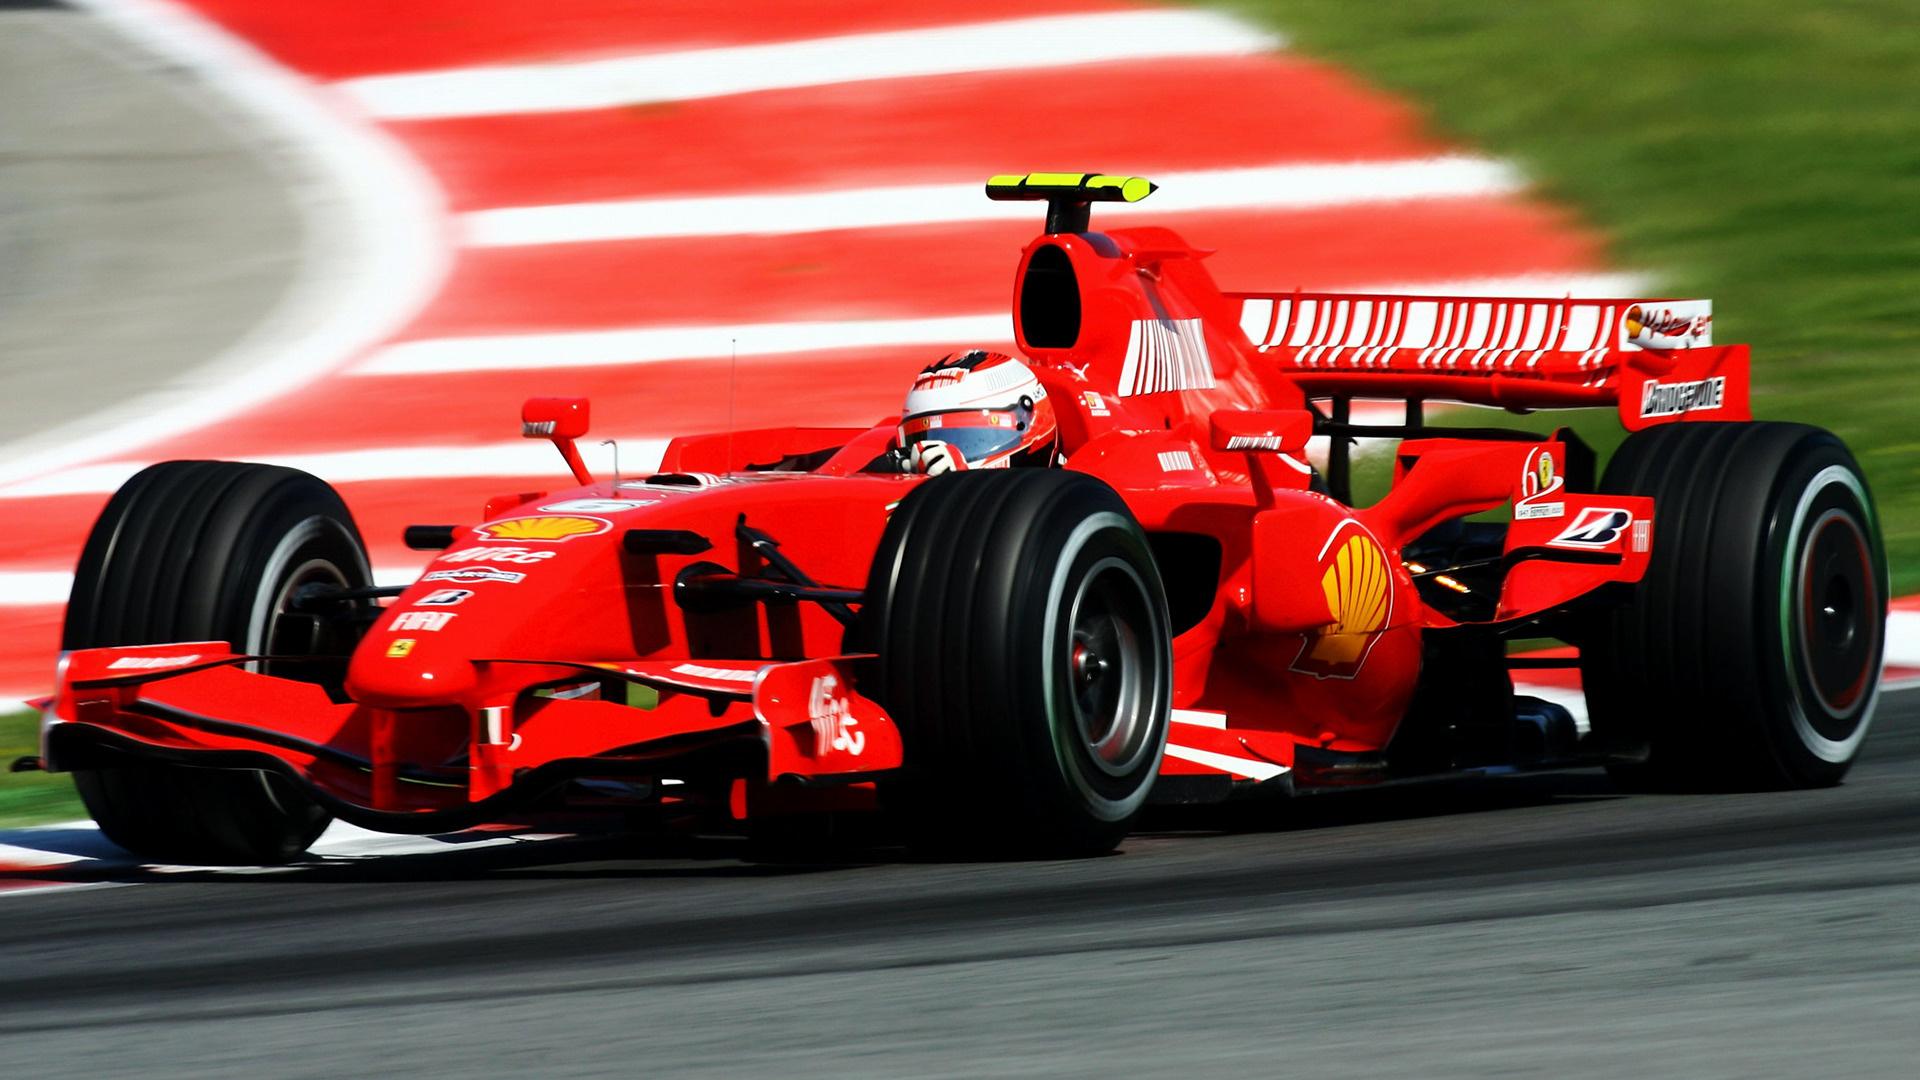 Ferrari F2007 2007 Wallpapers And Hd Images Car Pixel